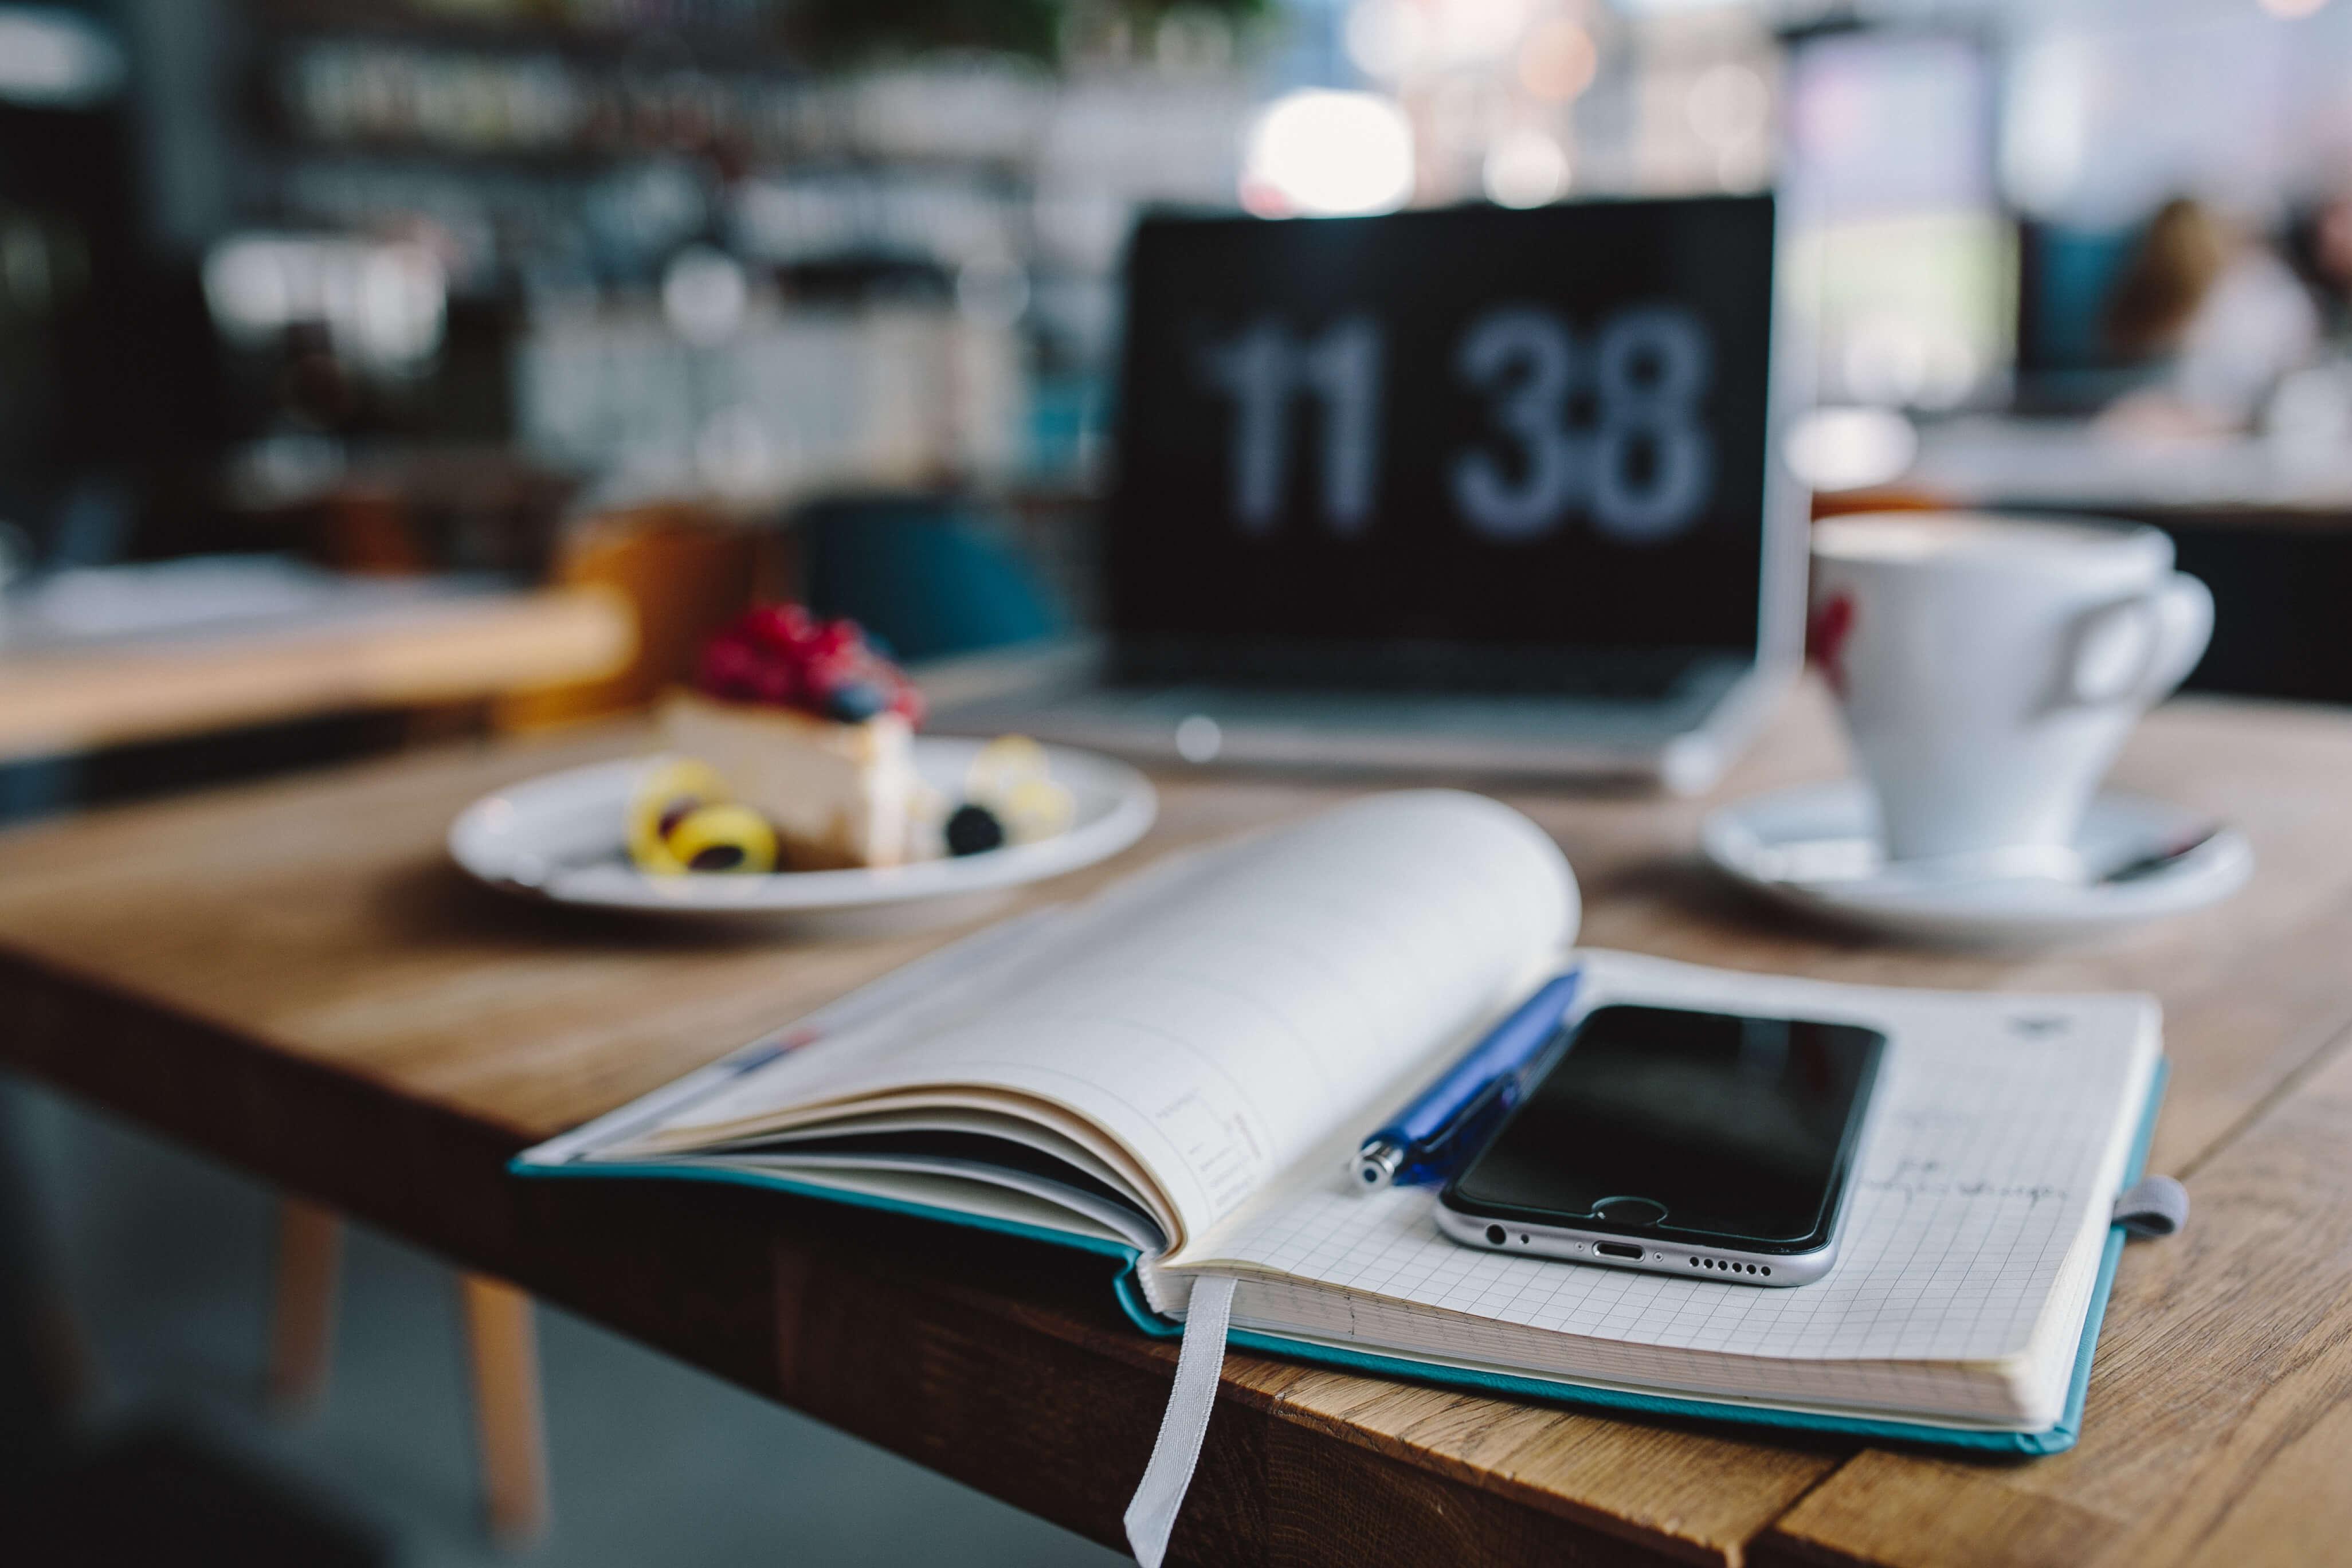 agenda y móvil sobre una mesa de cafeteria